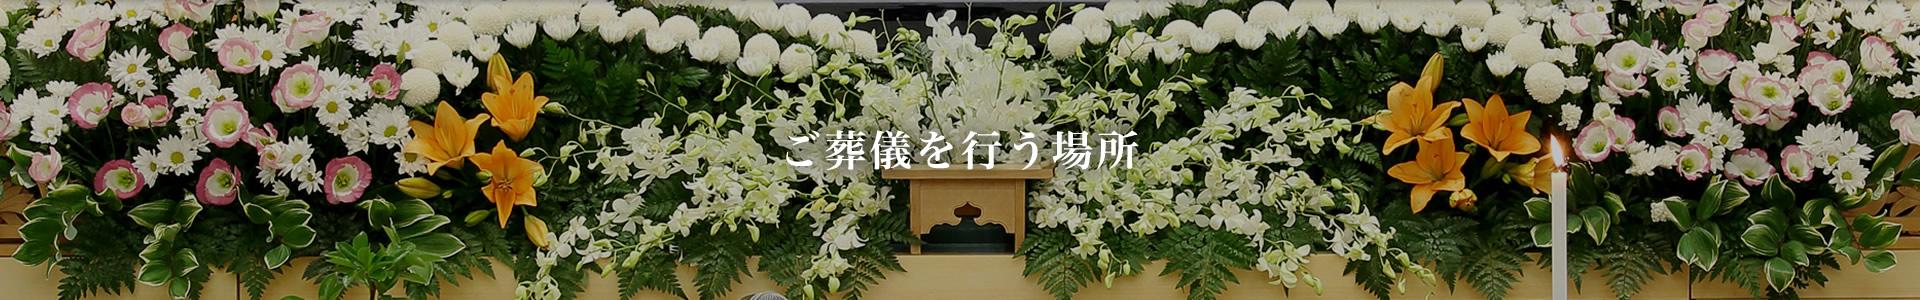 ご葬儀を行う場所